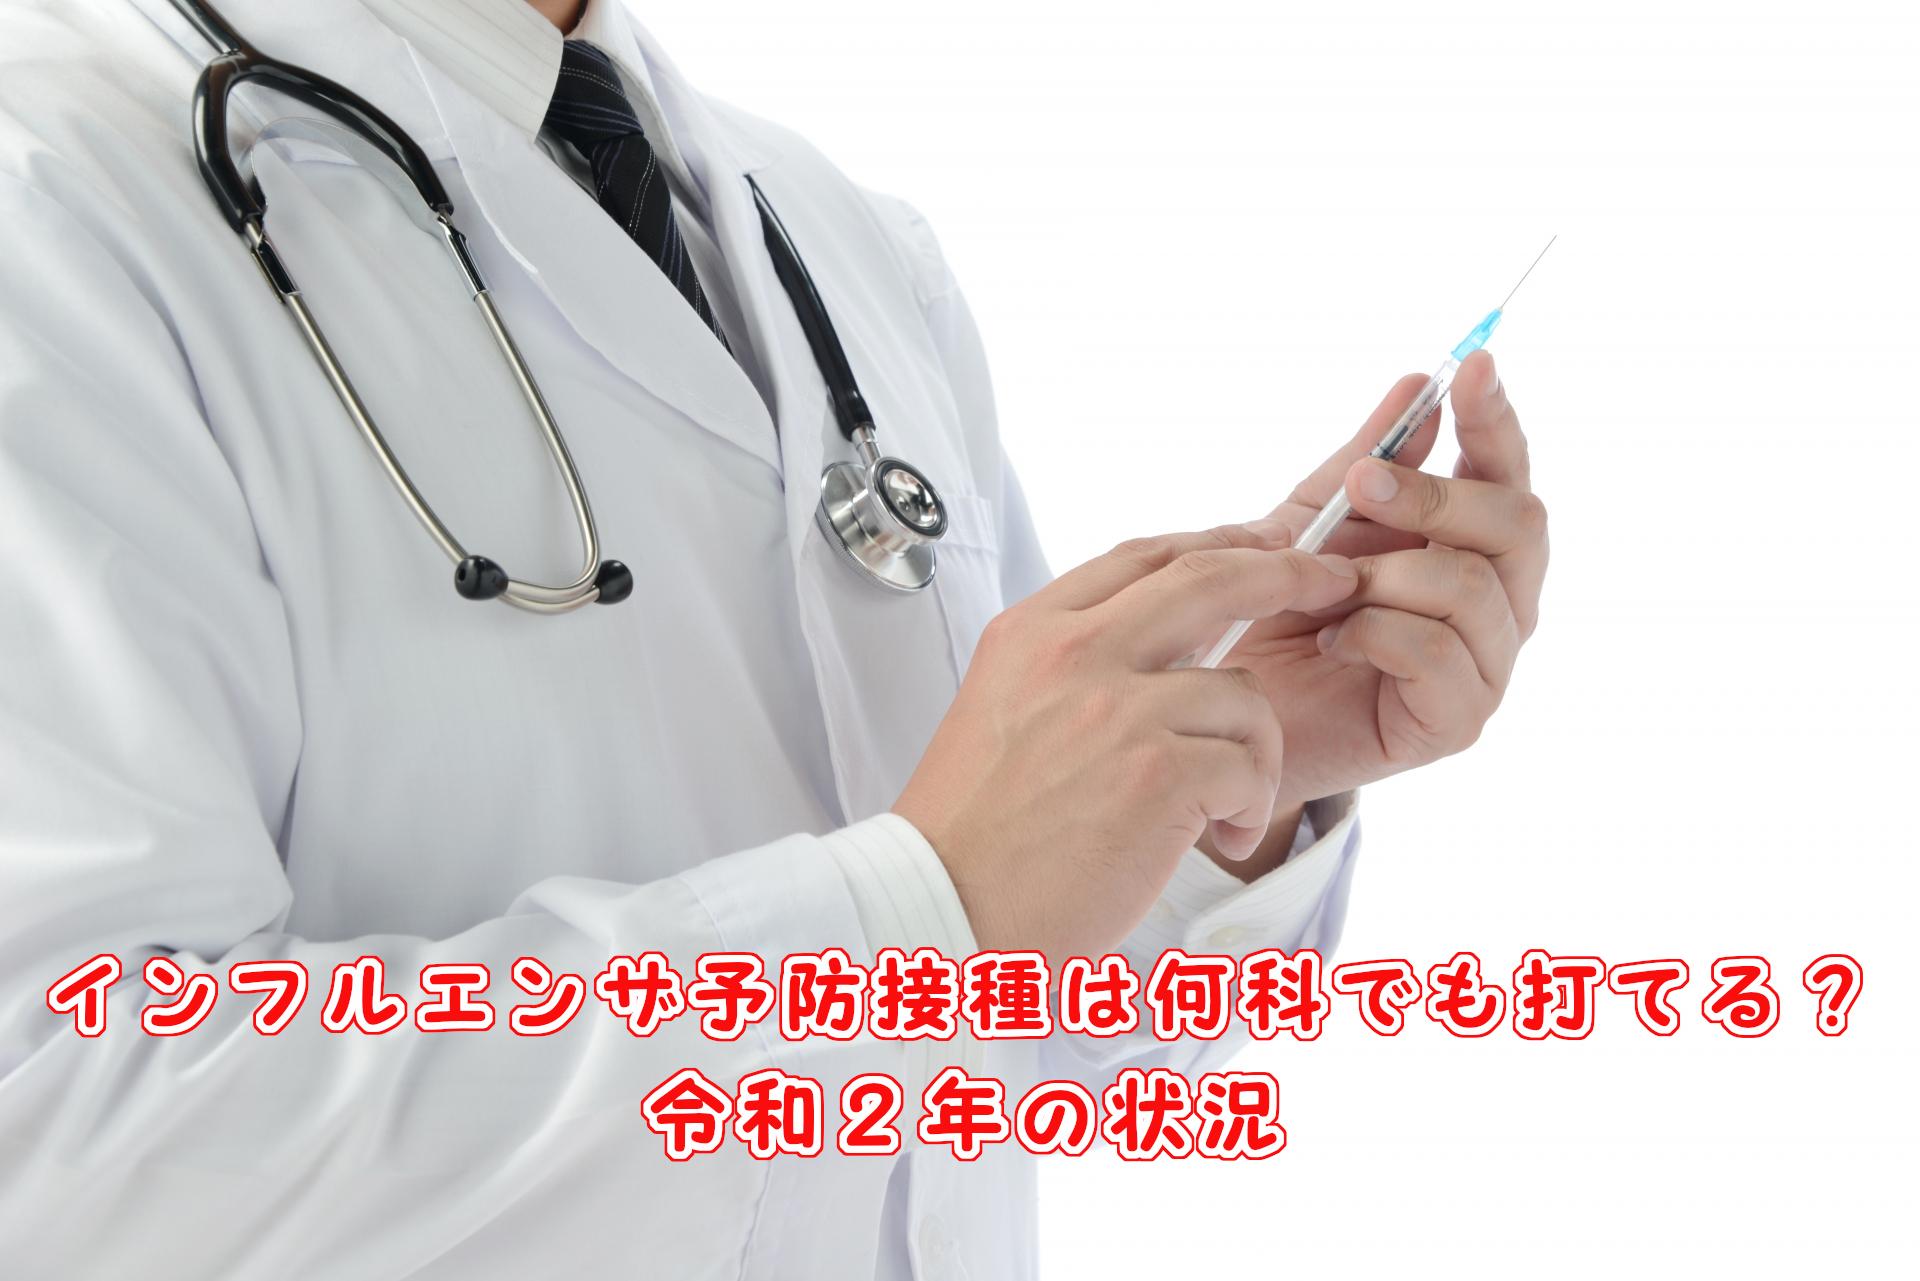 インフルエンザ予防接種は何科で受診?